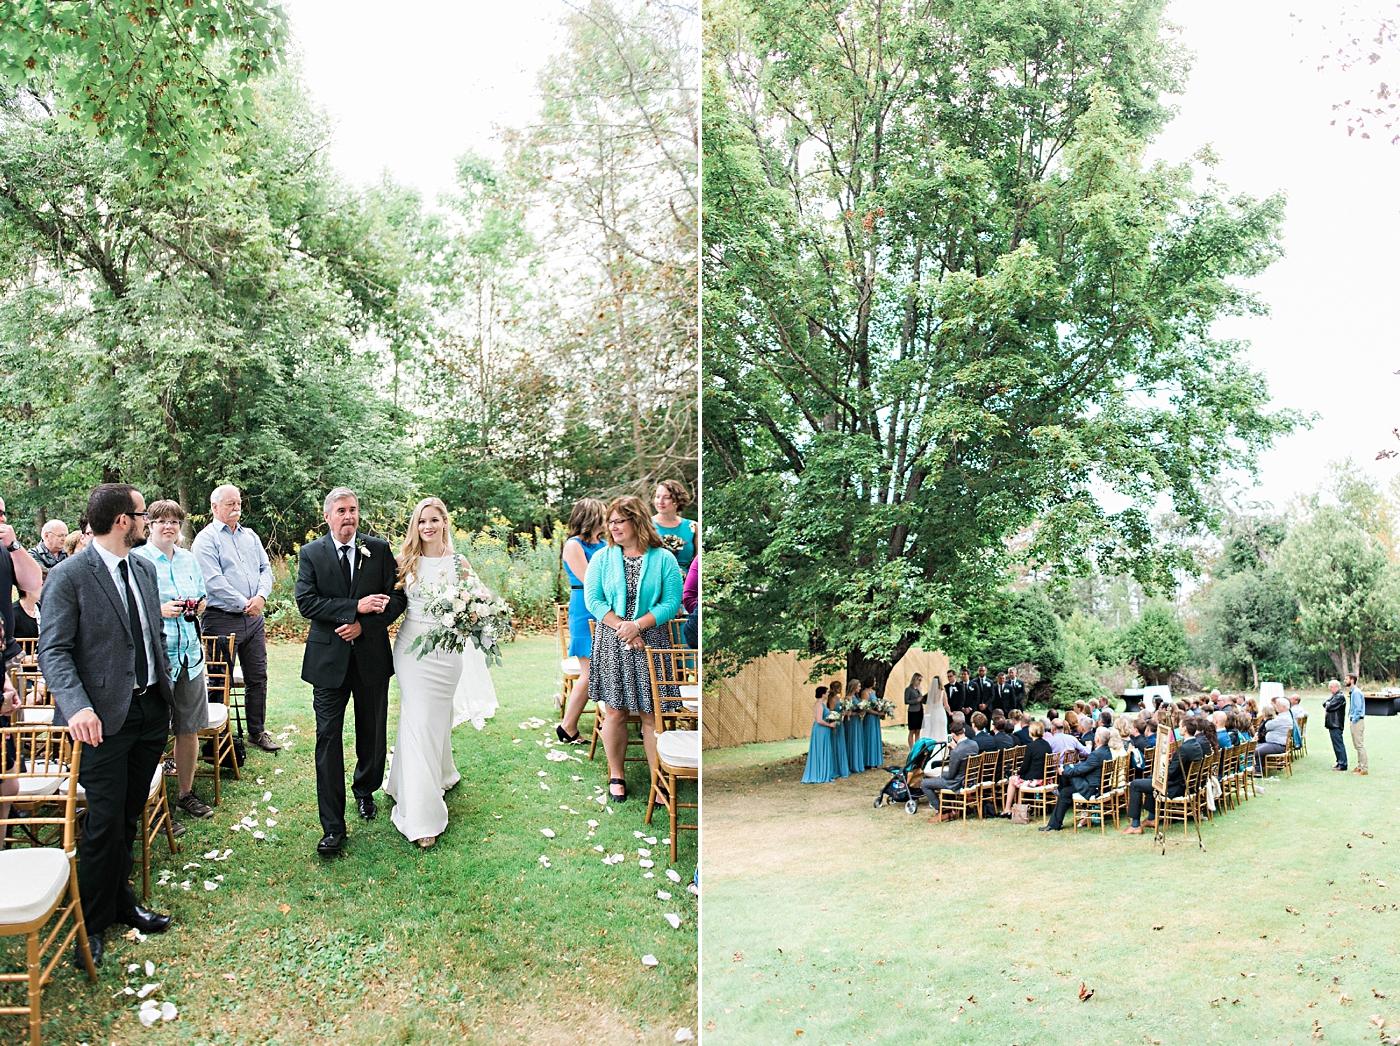 Halifax-Wedding-Photographer-New Brunswick Wedding- Nicolle & Ethan37.jpeg